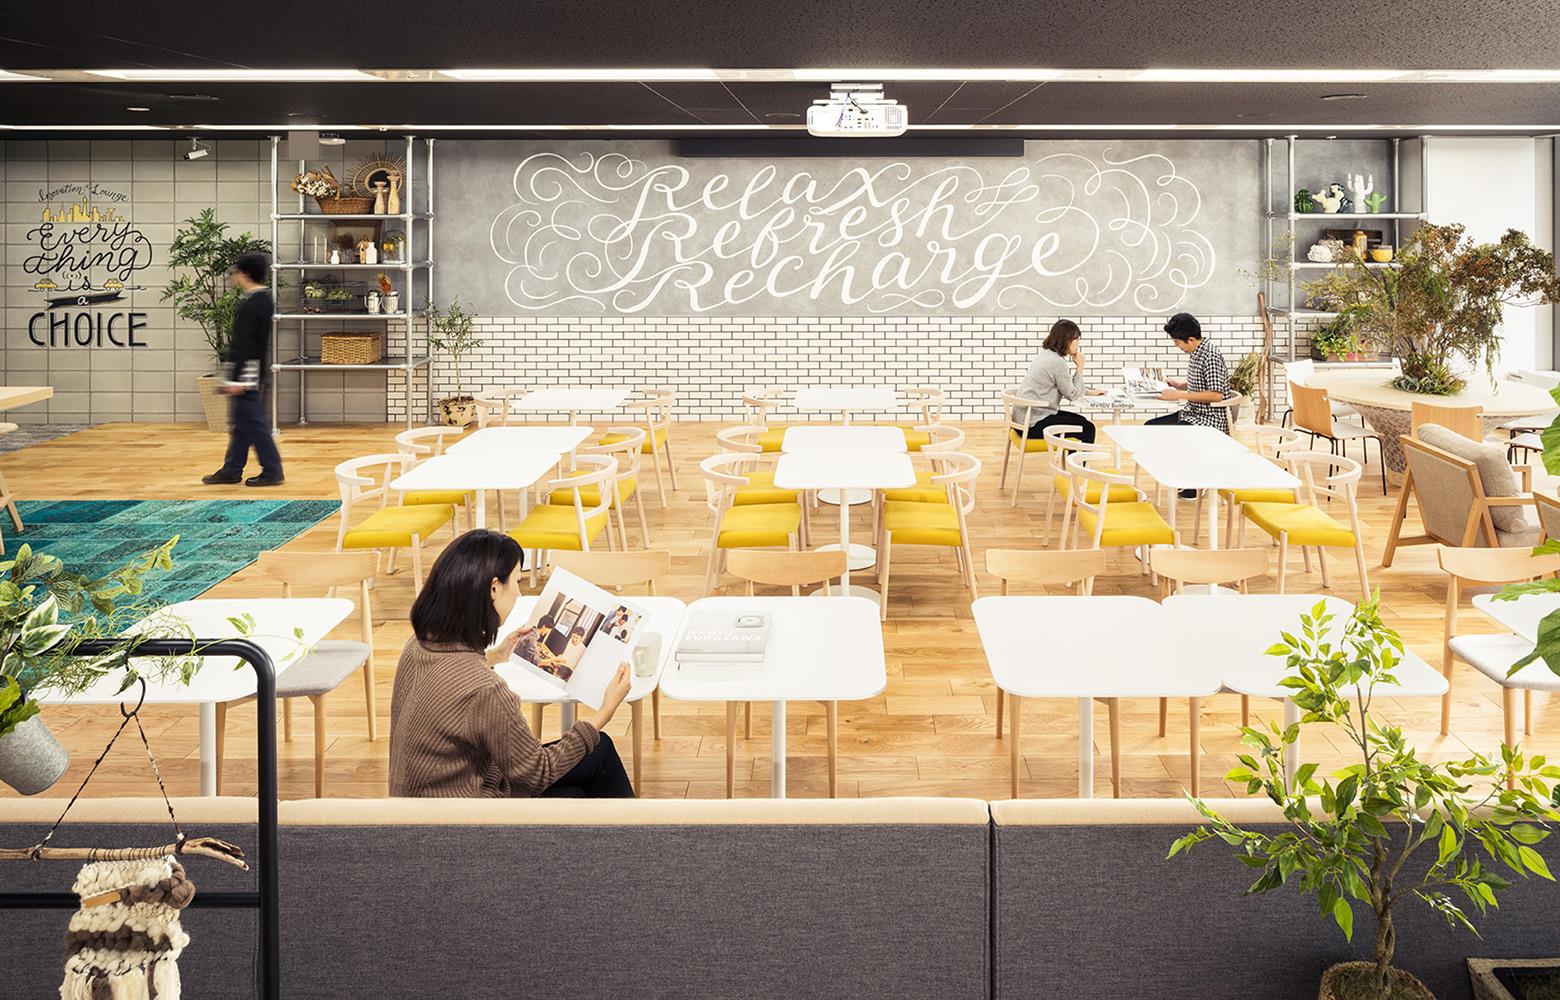 株式会社NTTデータMSE Shinagawa Office Innovation Room デザイン・レイアウト事例